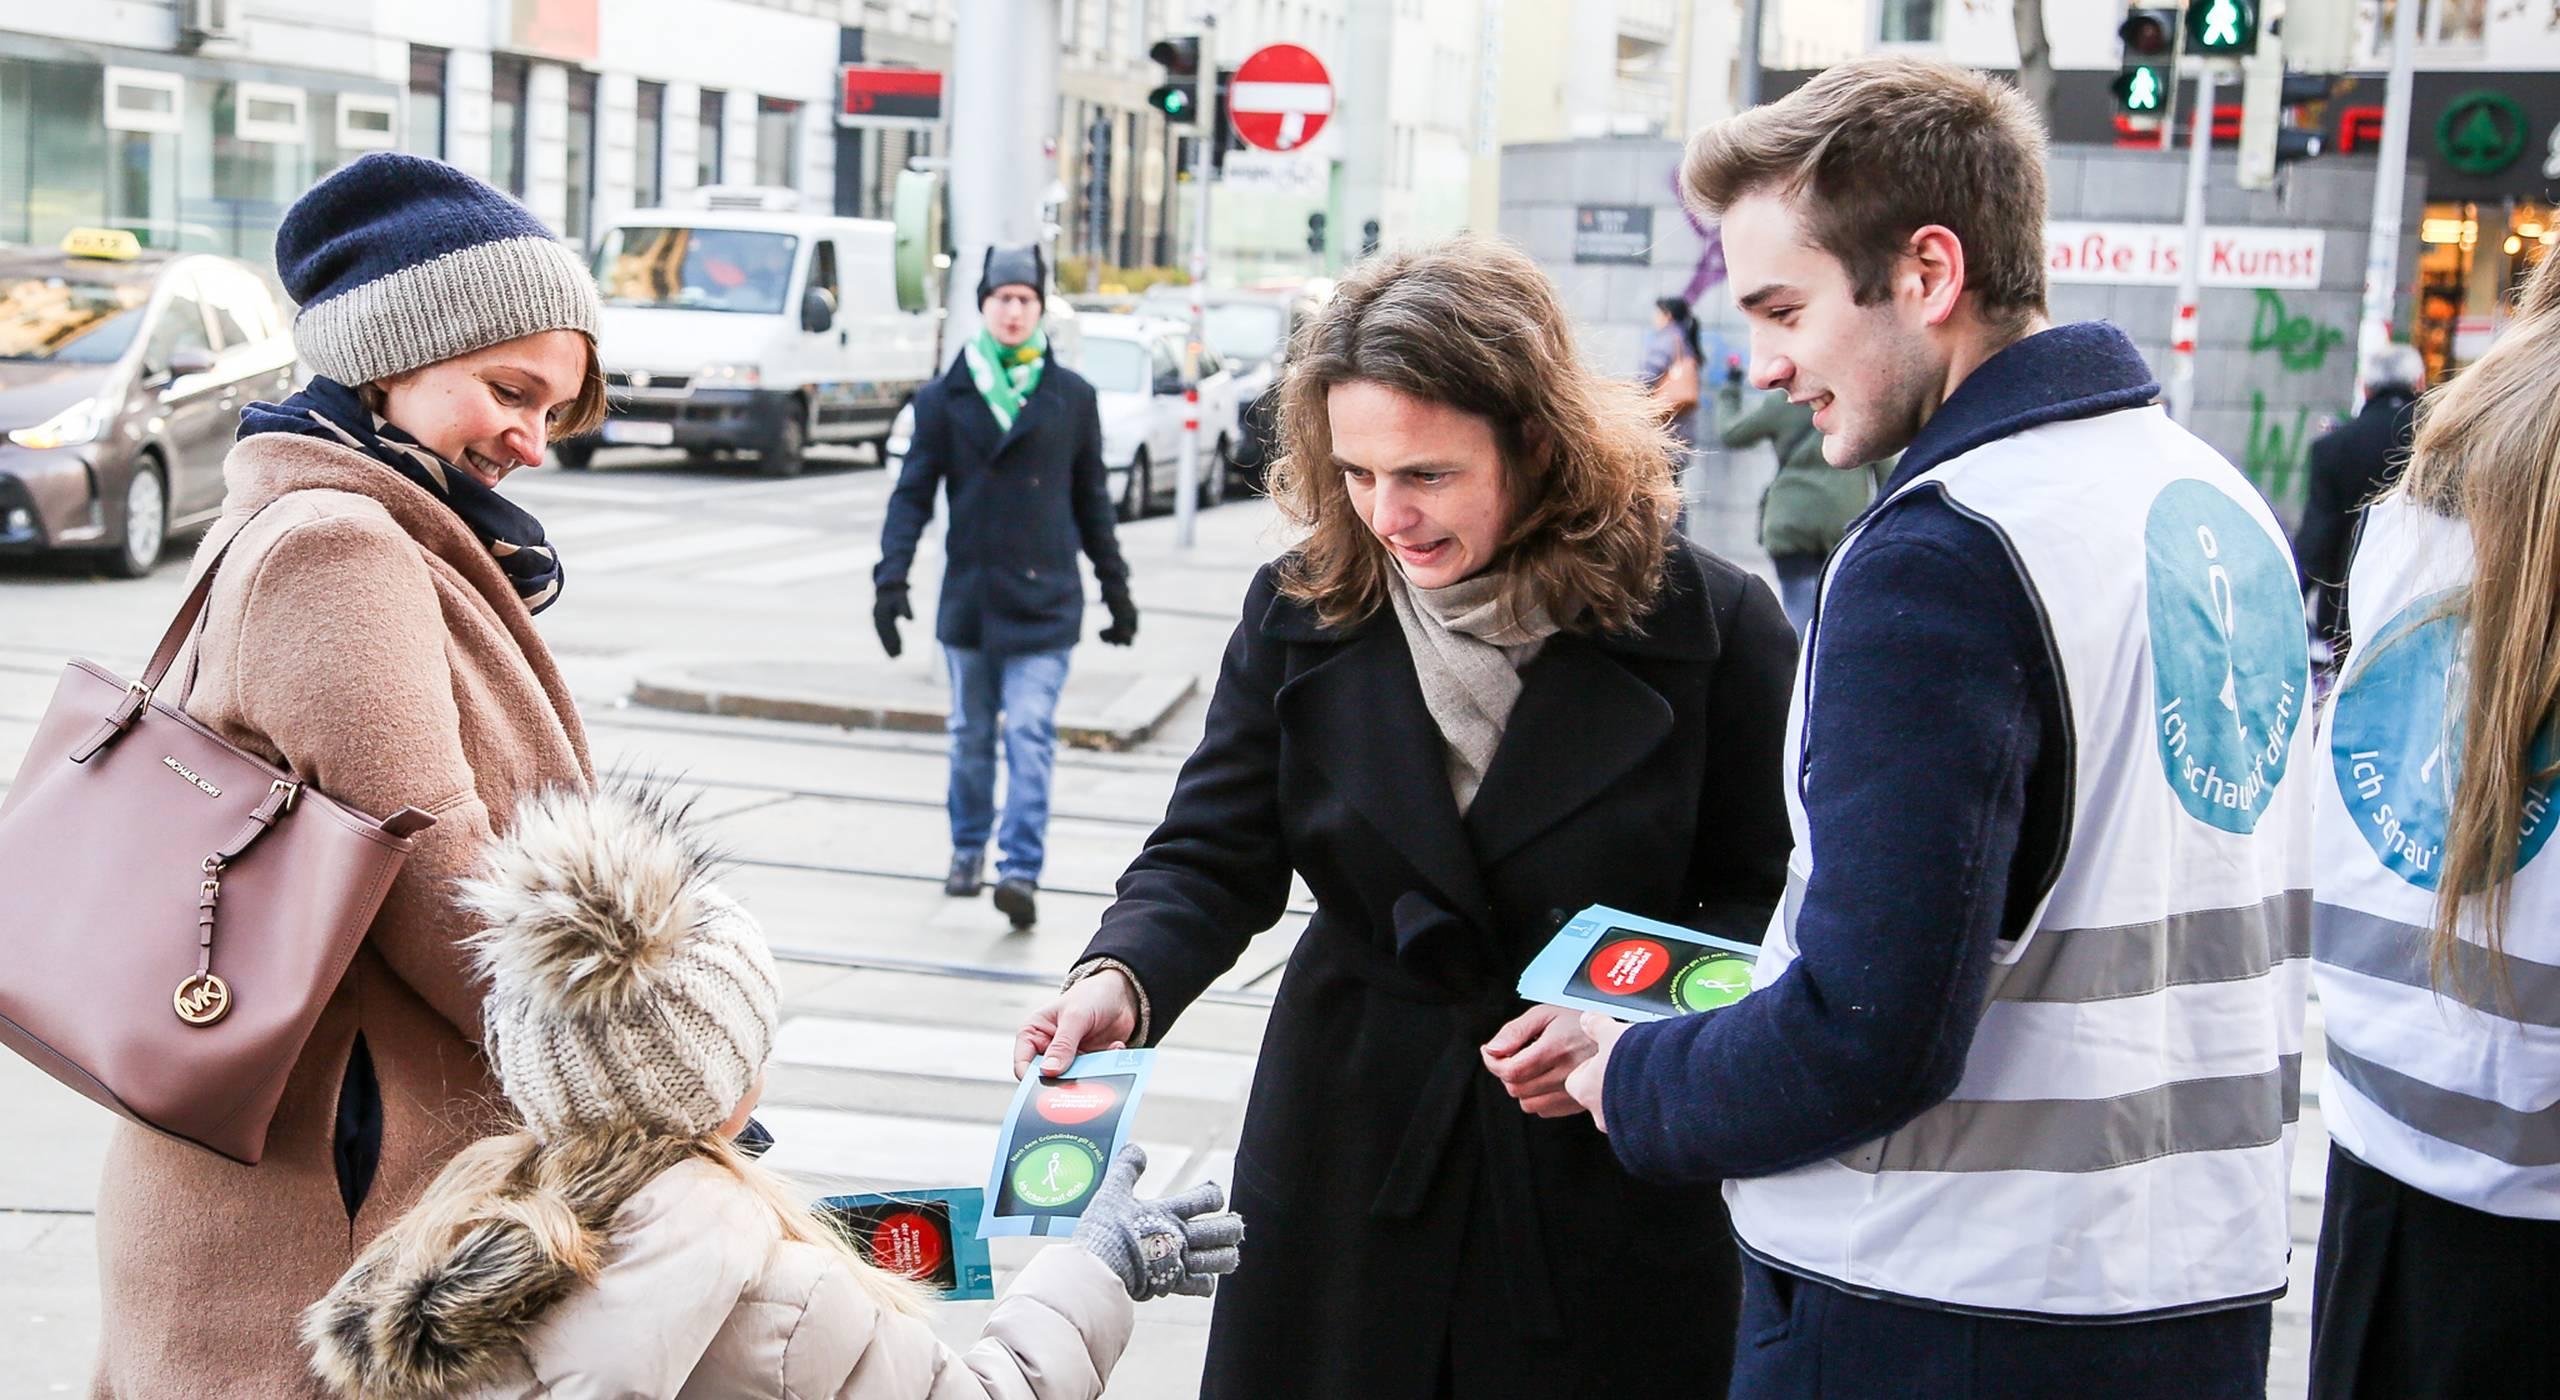 Petra Jens, Fußverkehrsbeauftragte der Stadt Wien und das Aktionsteam der Mobilitätsagentur informieren Passantinnen und Passanten zum sicheren Verhalten an der Ampel. Foto: Christian Fürthner